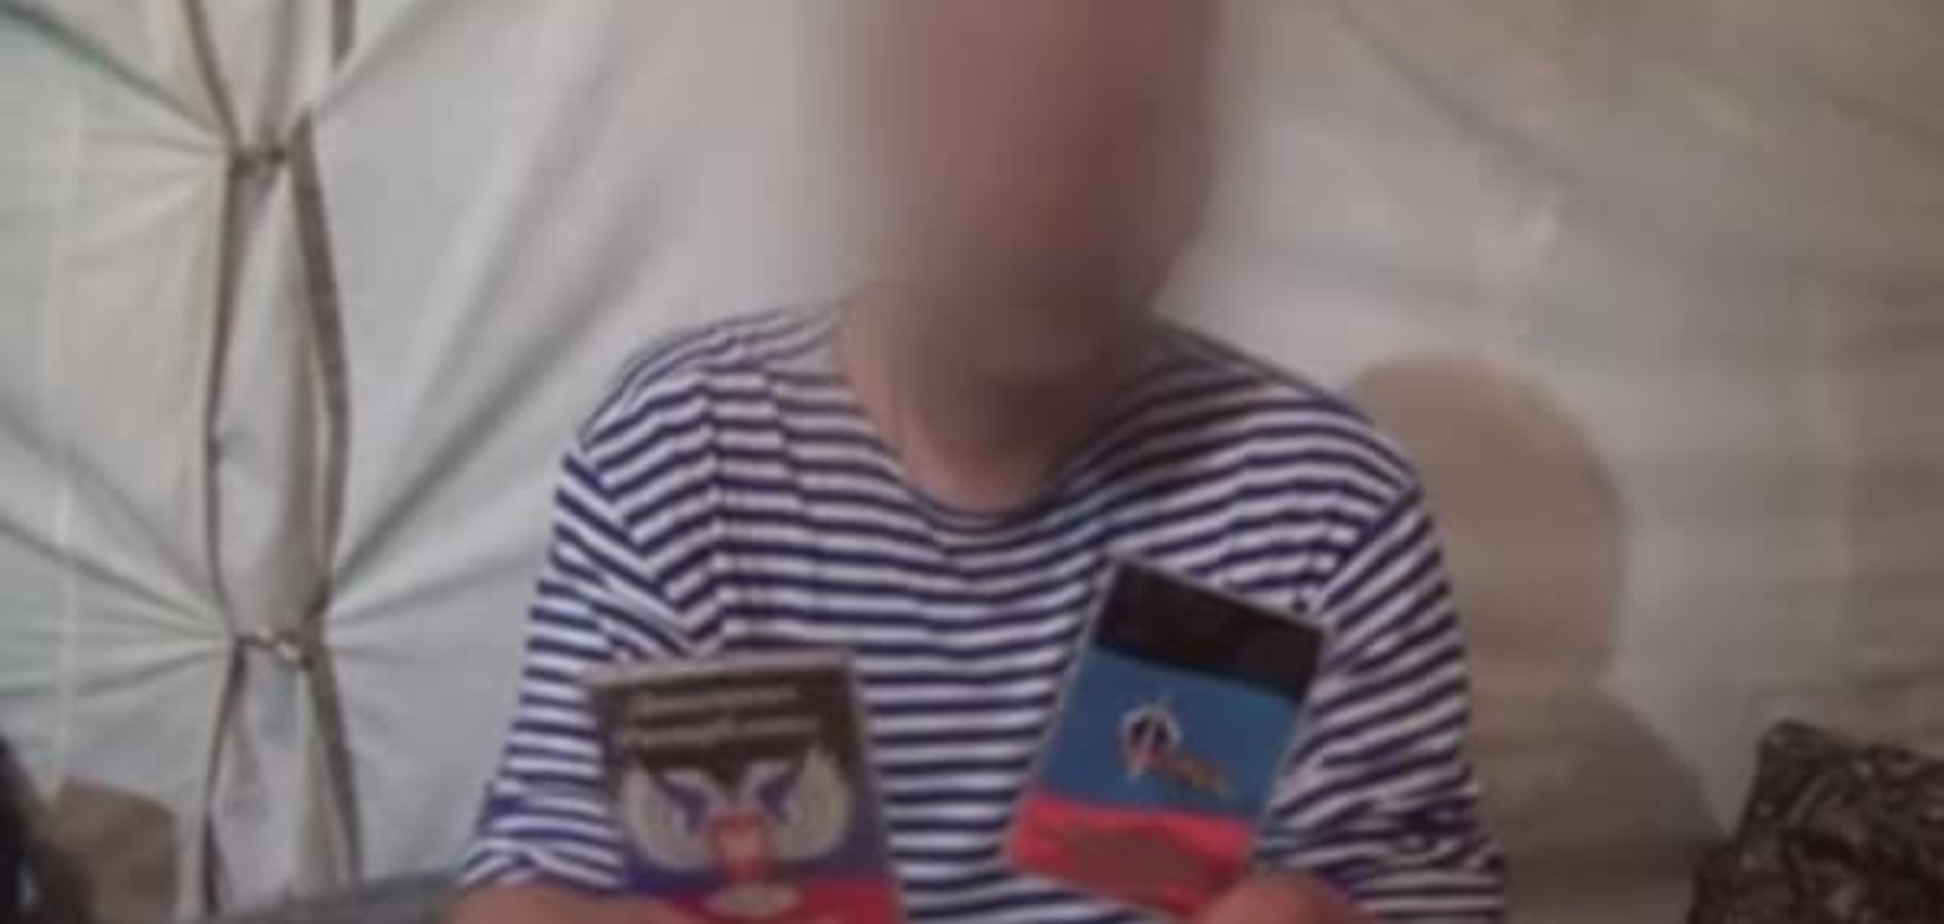 СБУ вернула двоих террористов 'ДНР' обратно в семьи: видеофакт